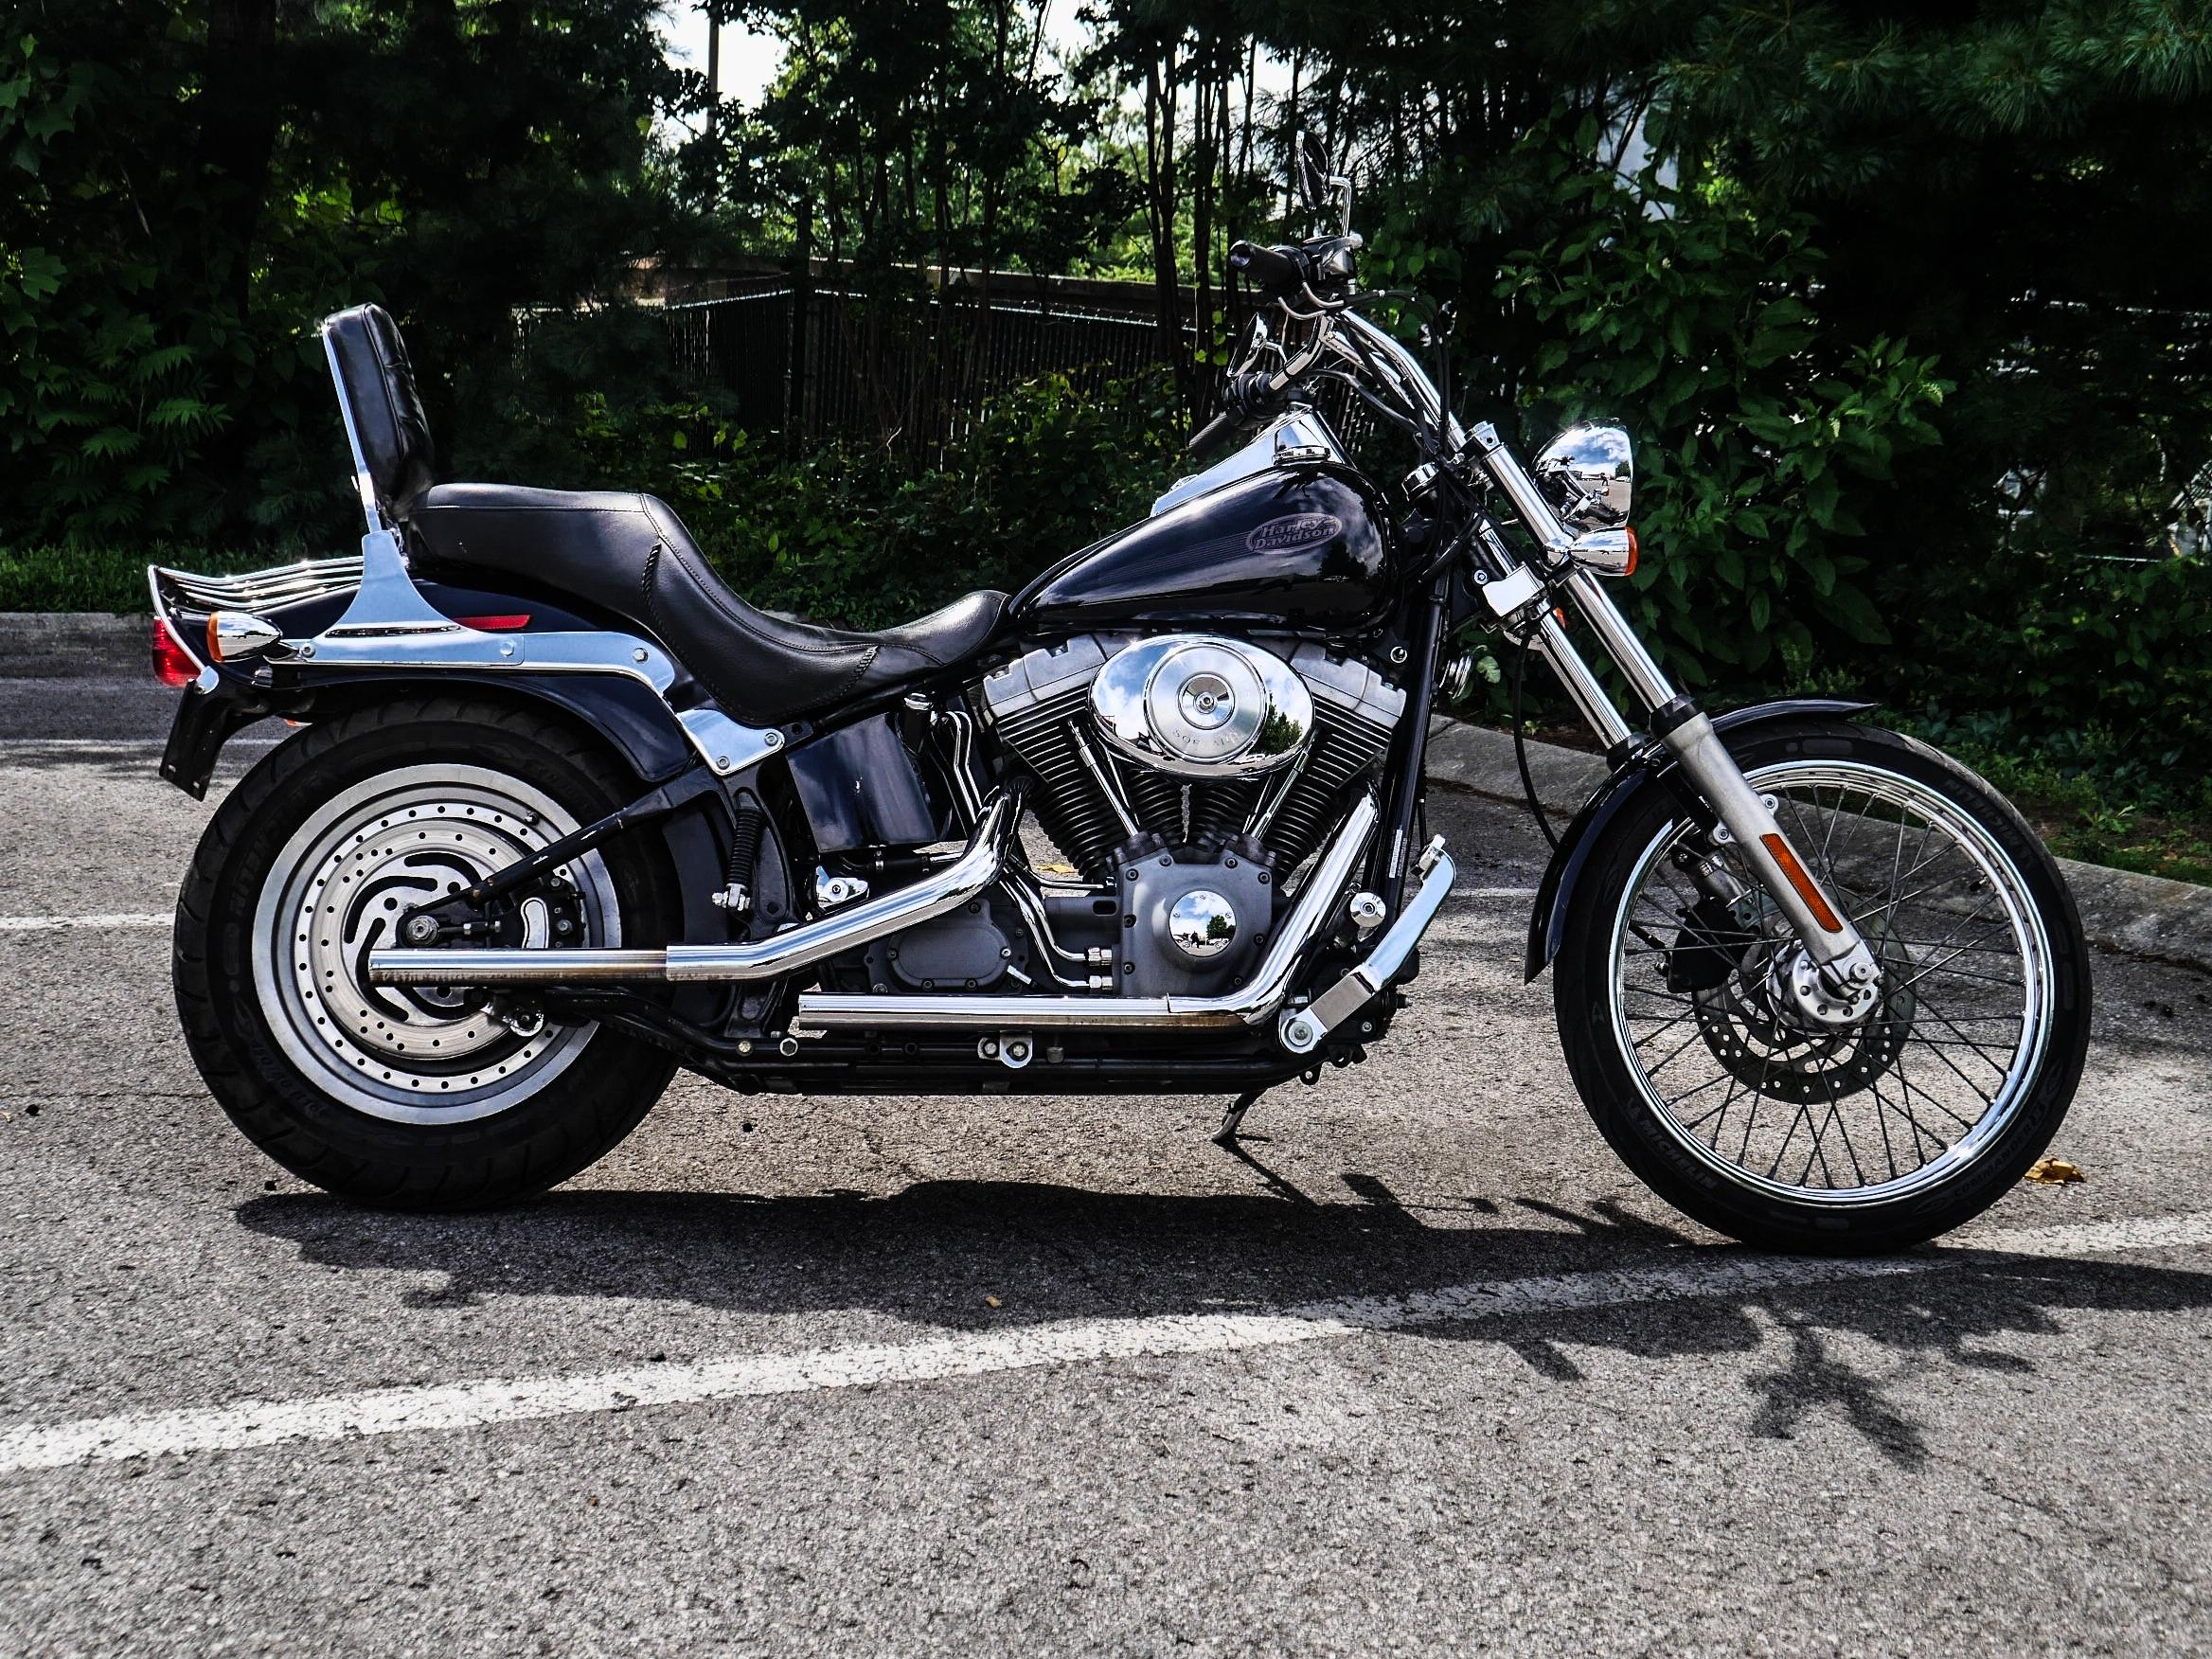 Pre-Owned 2004 Harley-Davidson Standard